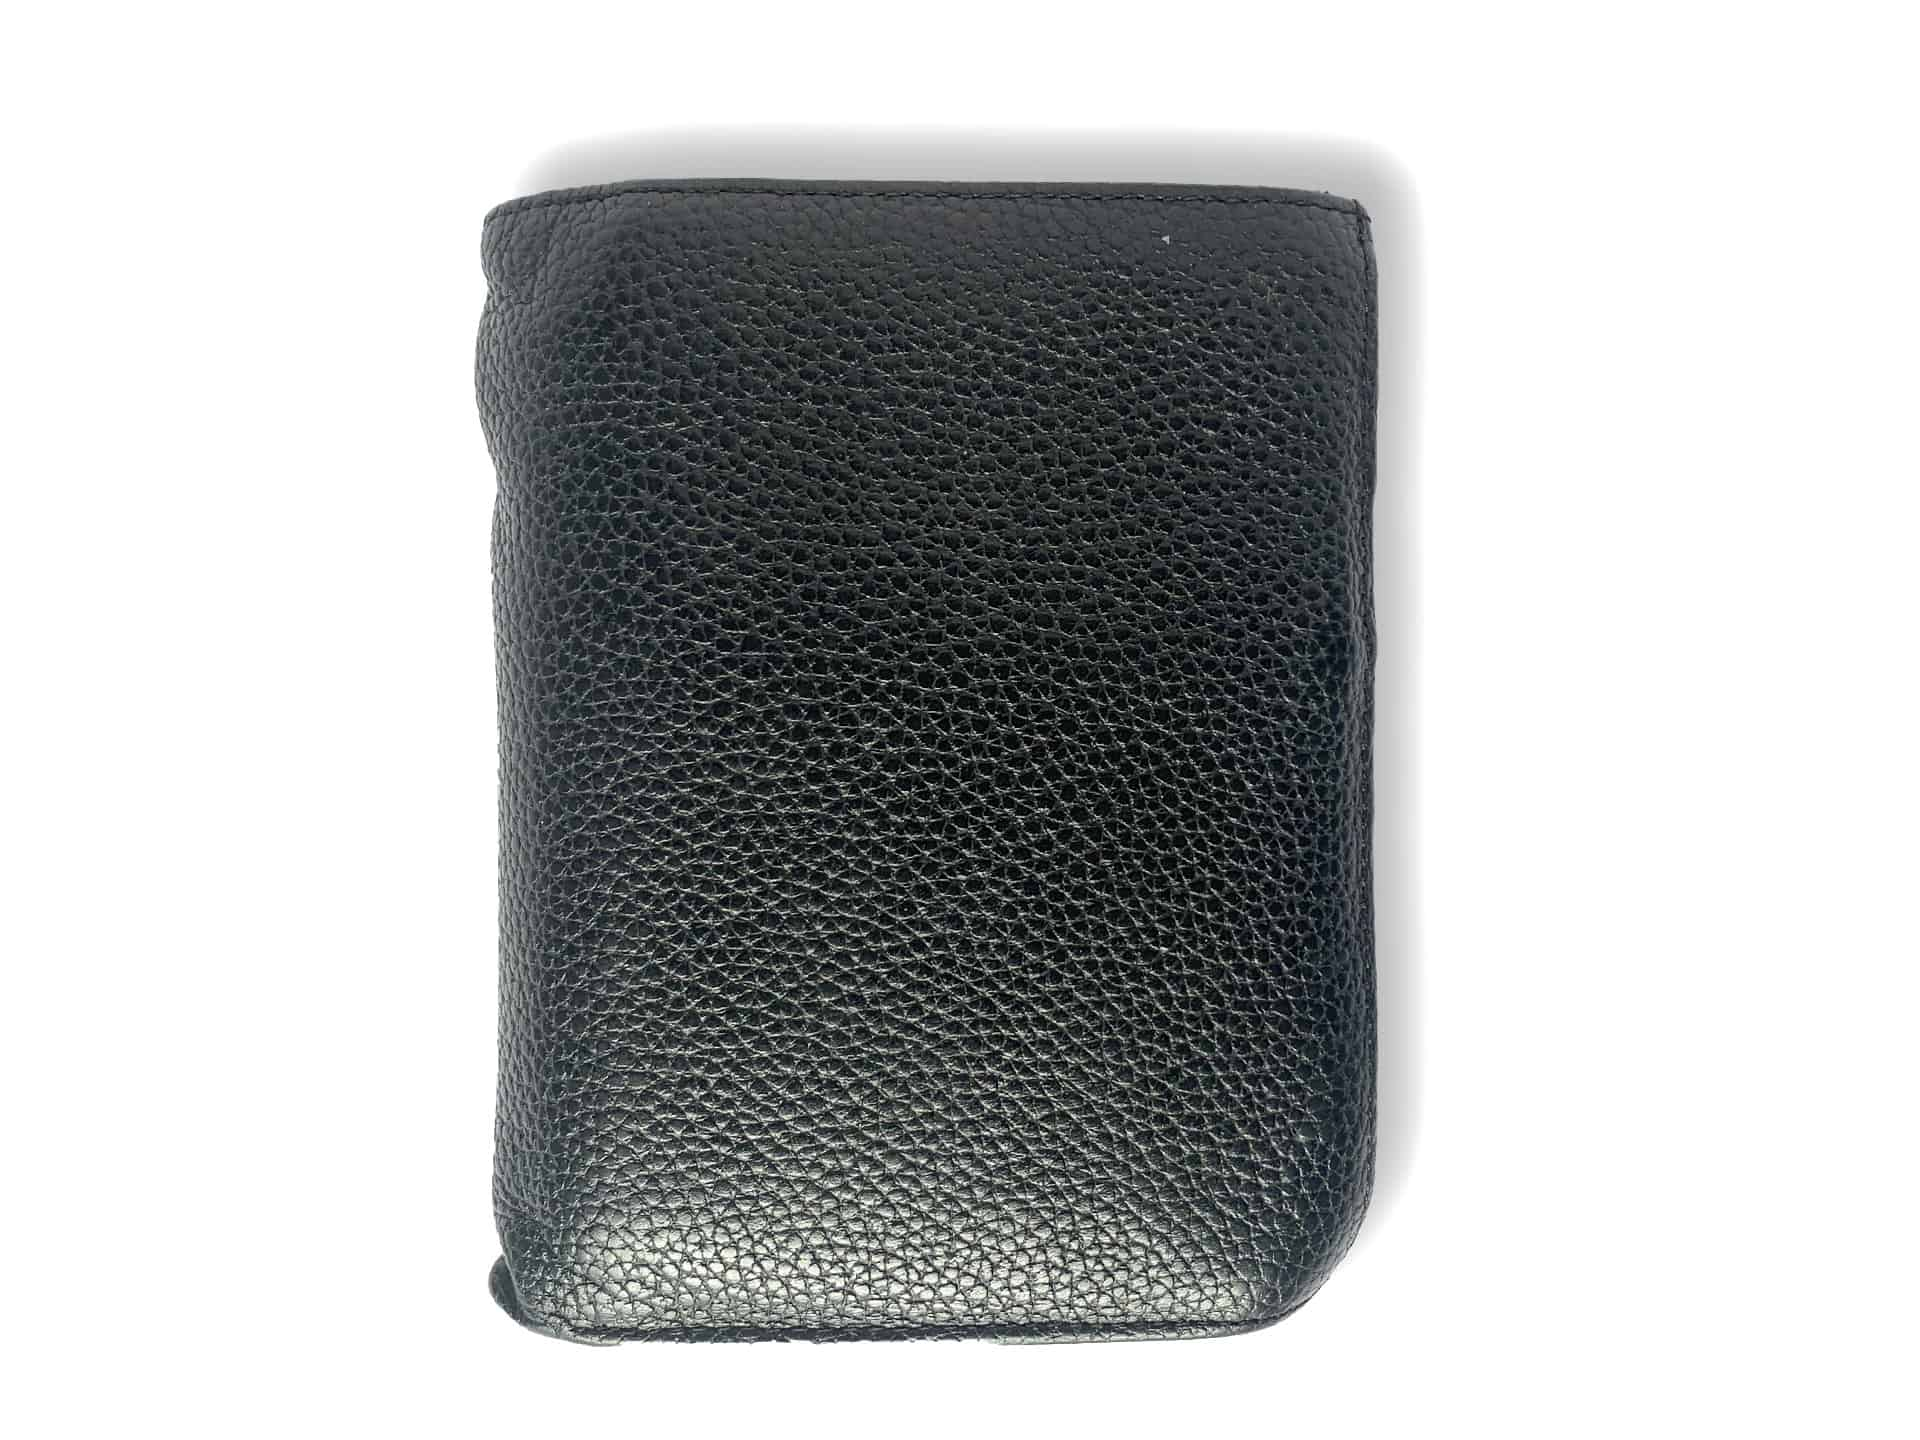 RFID blocking wallet Travel Essentials